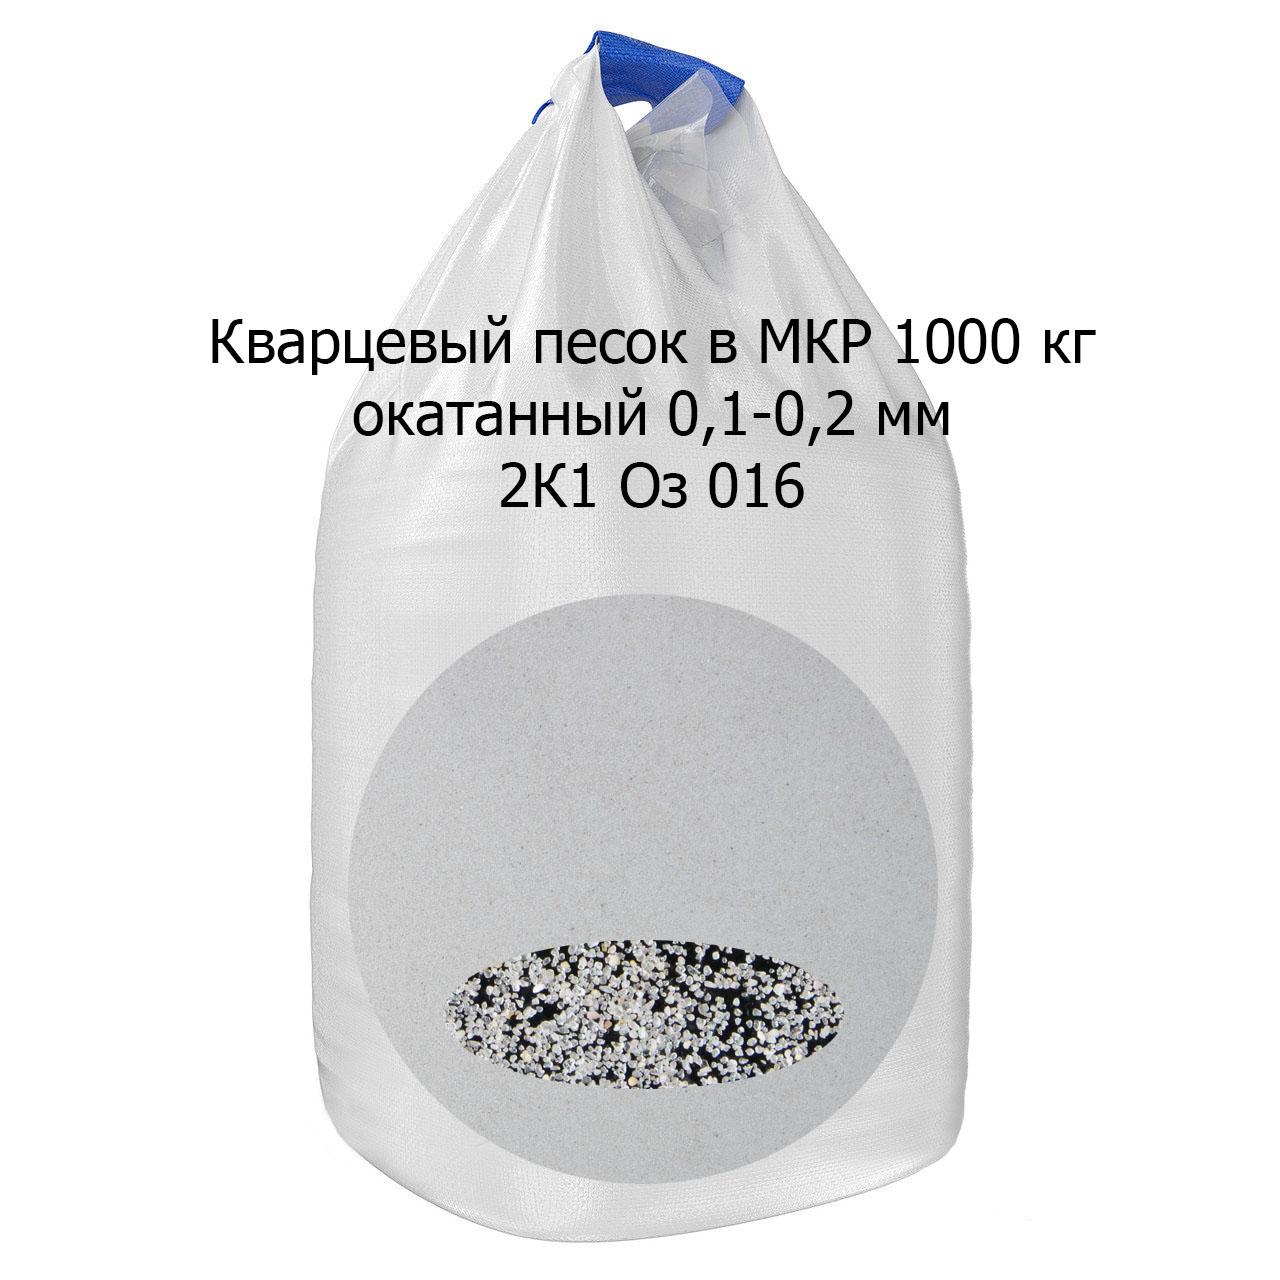 Кварцевый 0,1-0,2 мм в МКР (биг-бэг) 2К1О3016